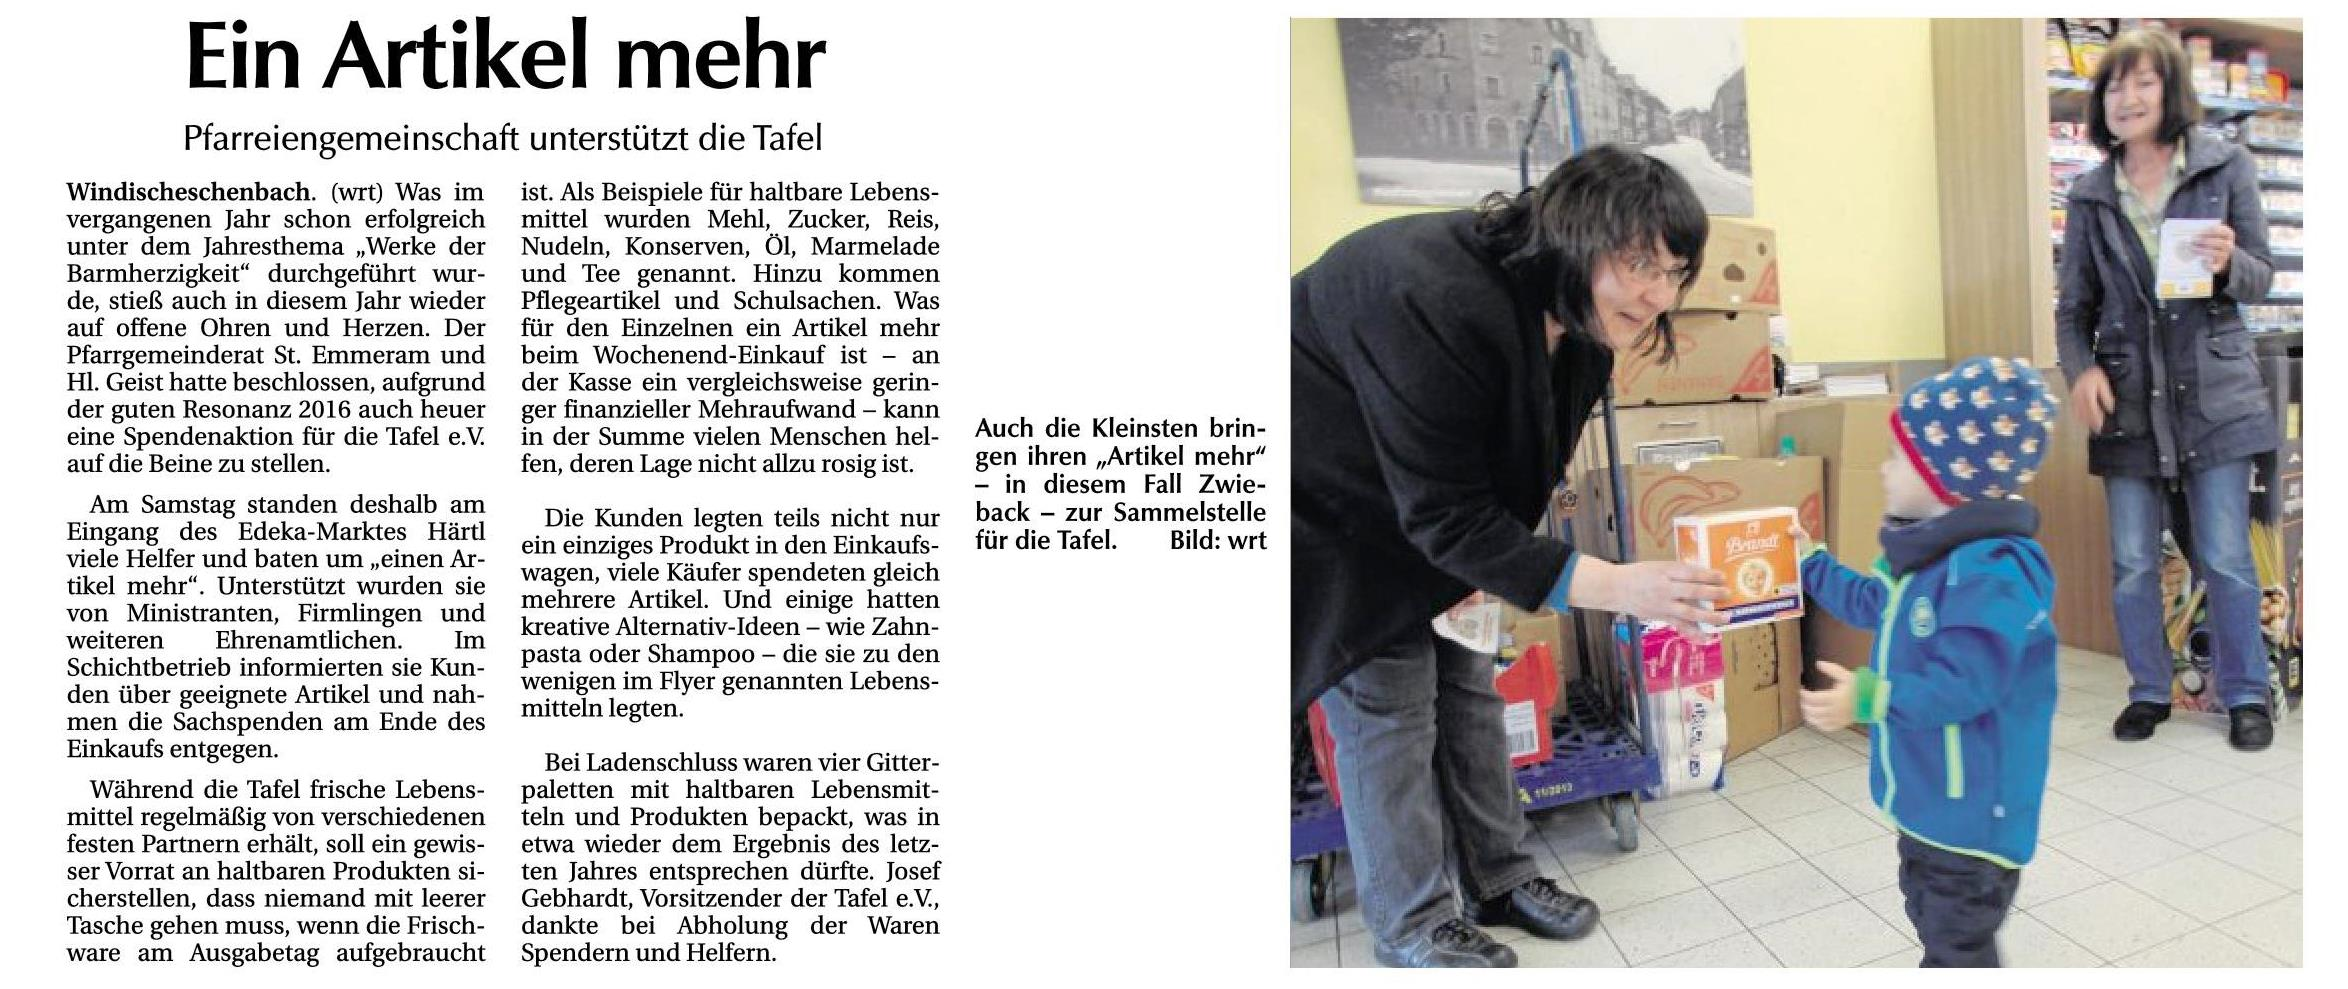 Tafel - Windischeschenbach 04.10.17